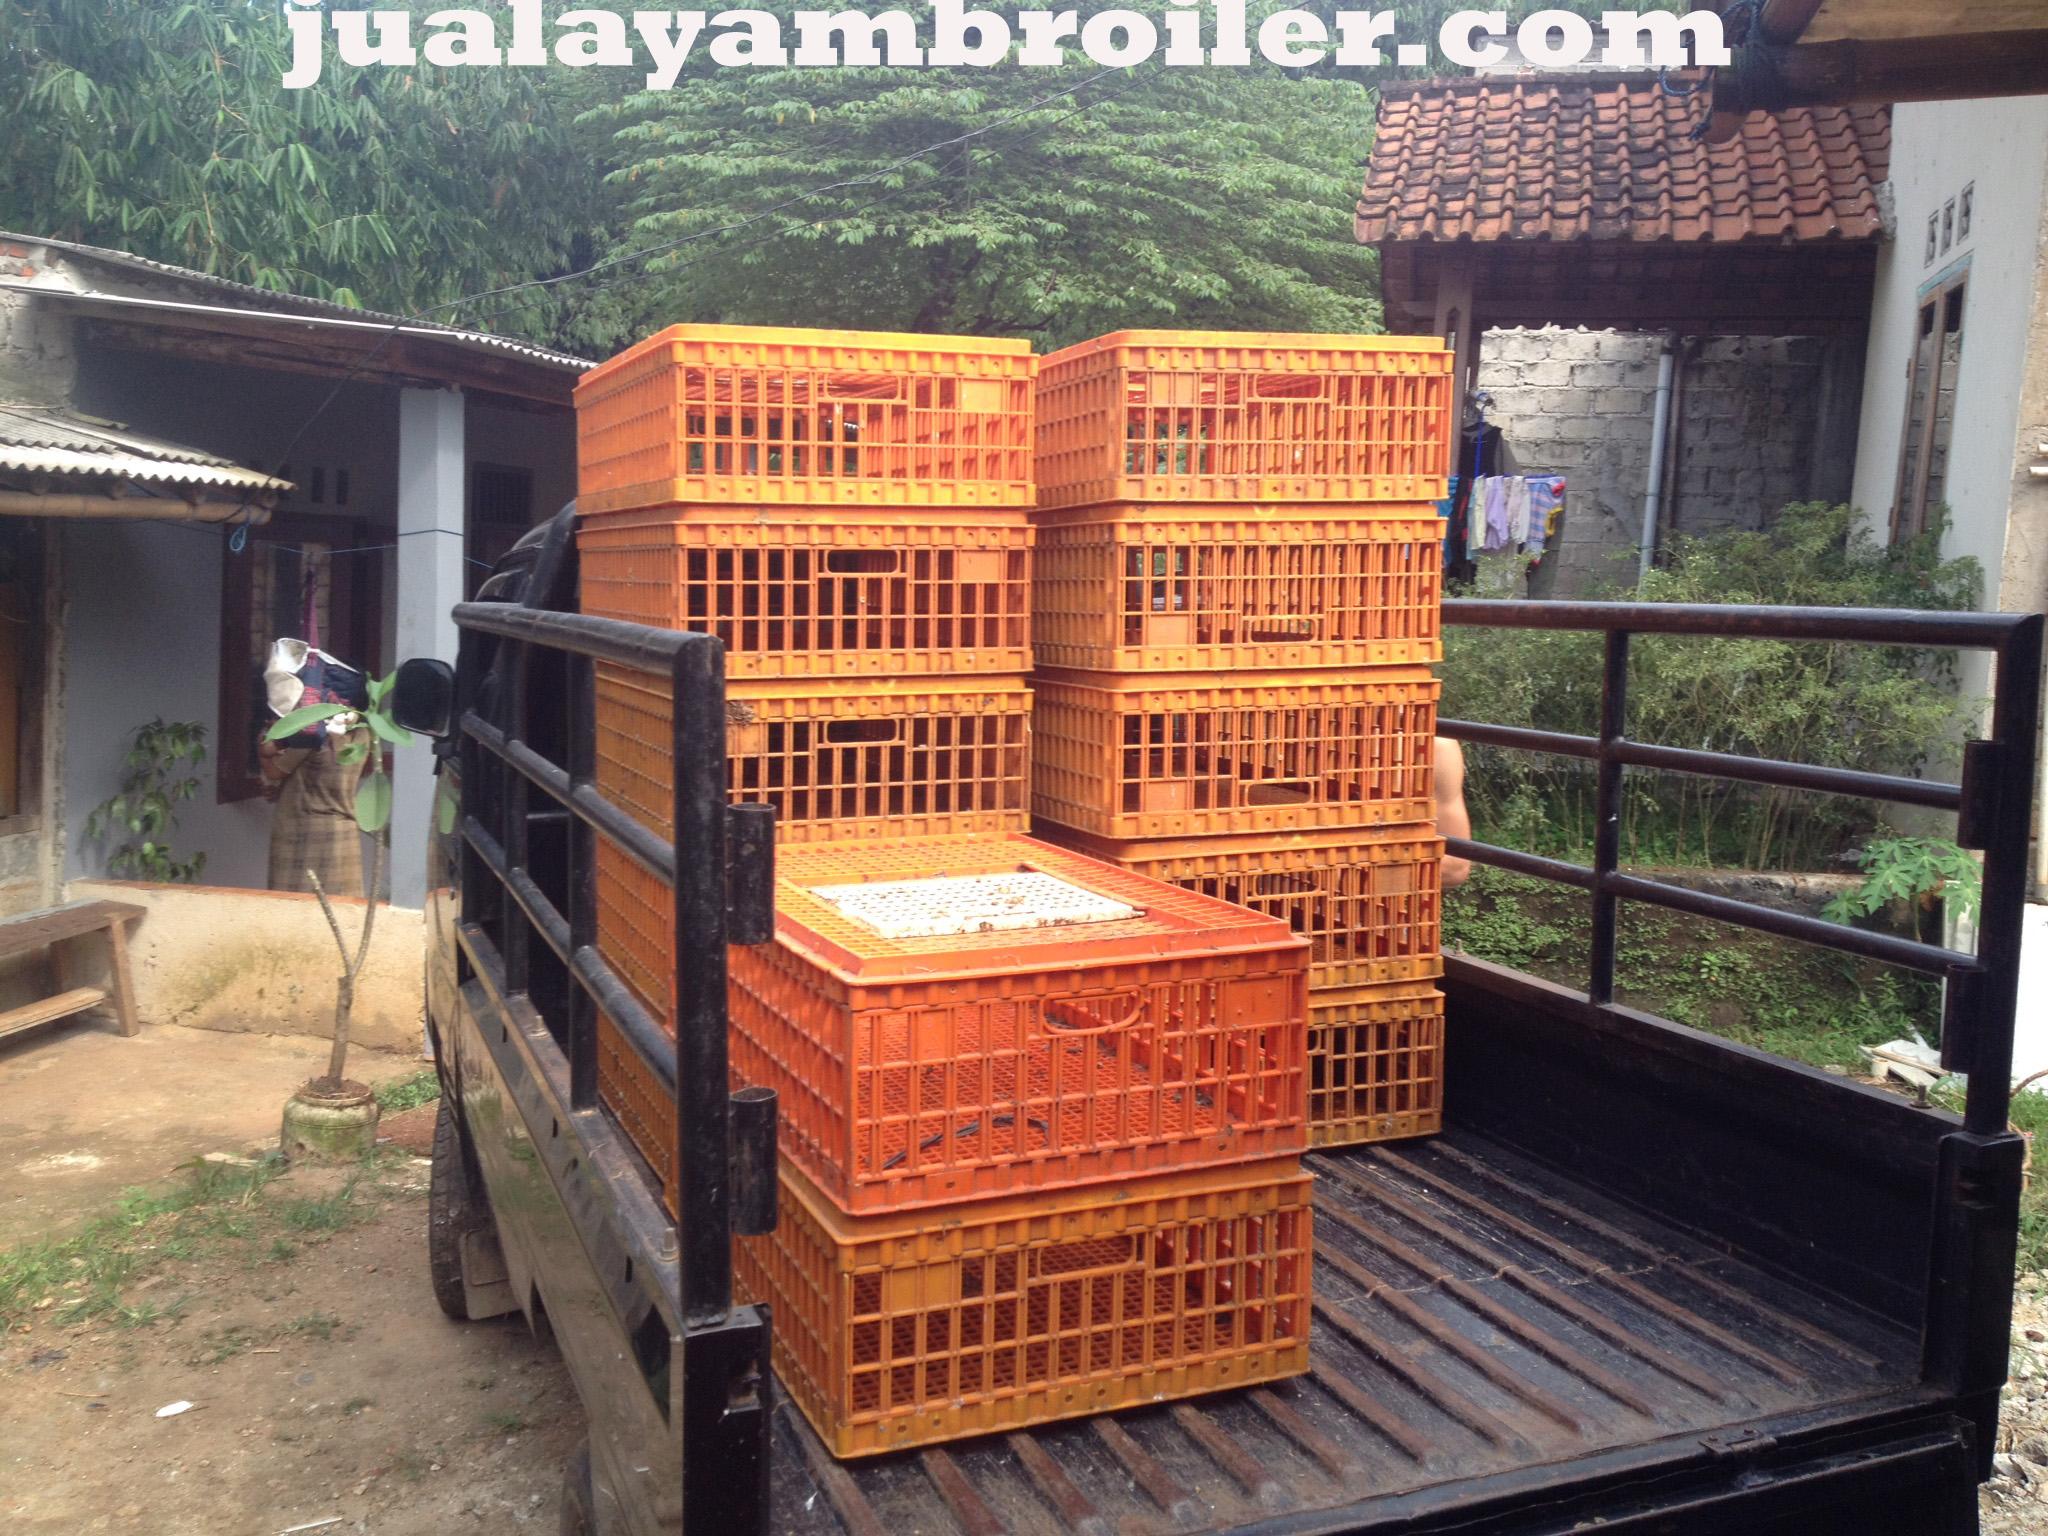 Jual Ayam Broiler Pondok Cabe Tangerang Selatan